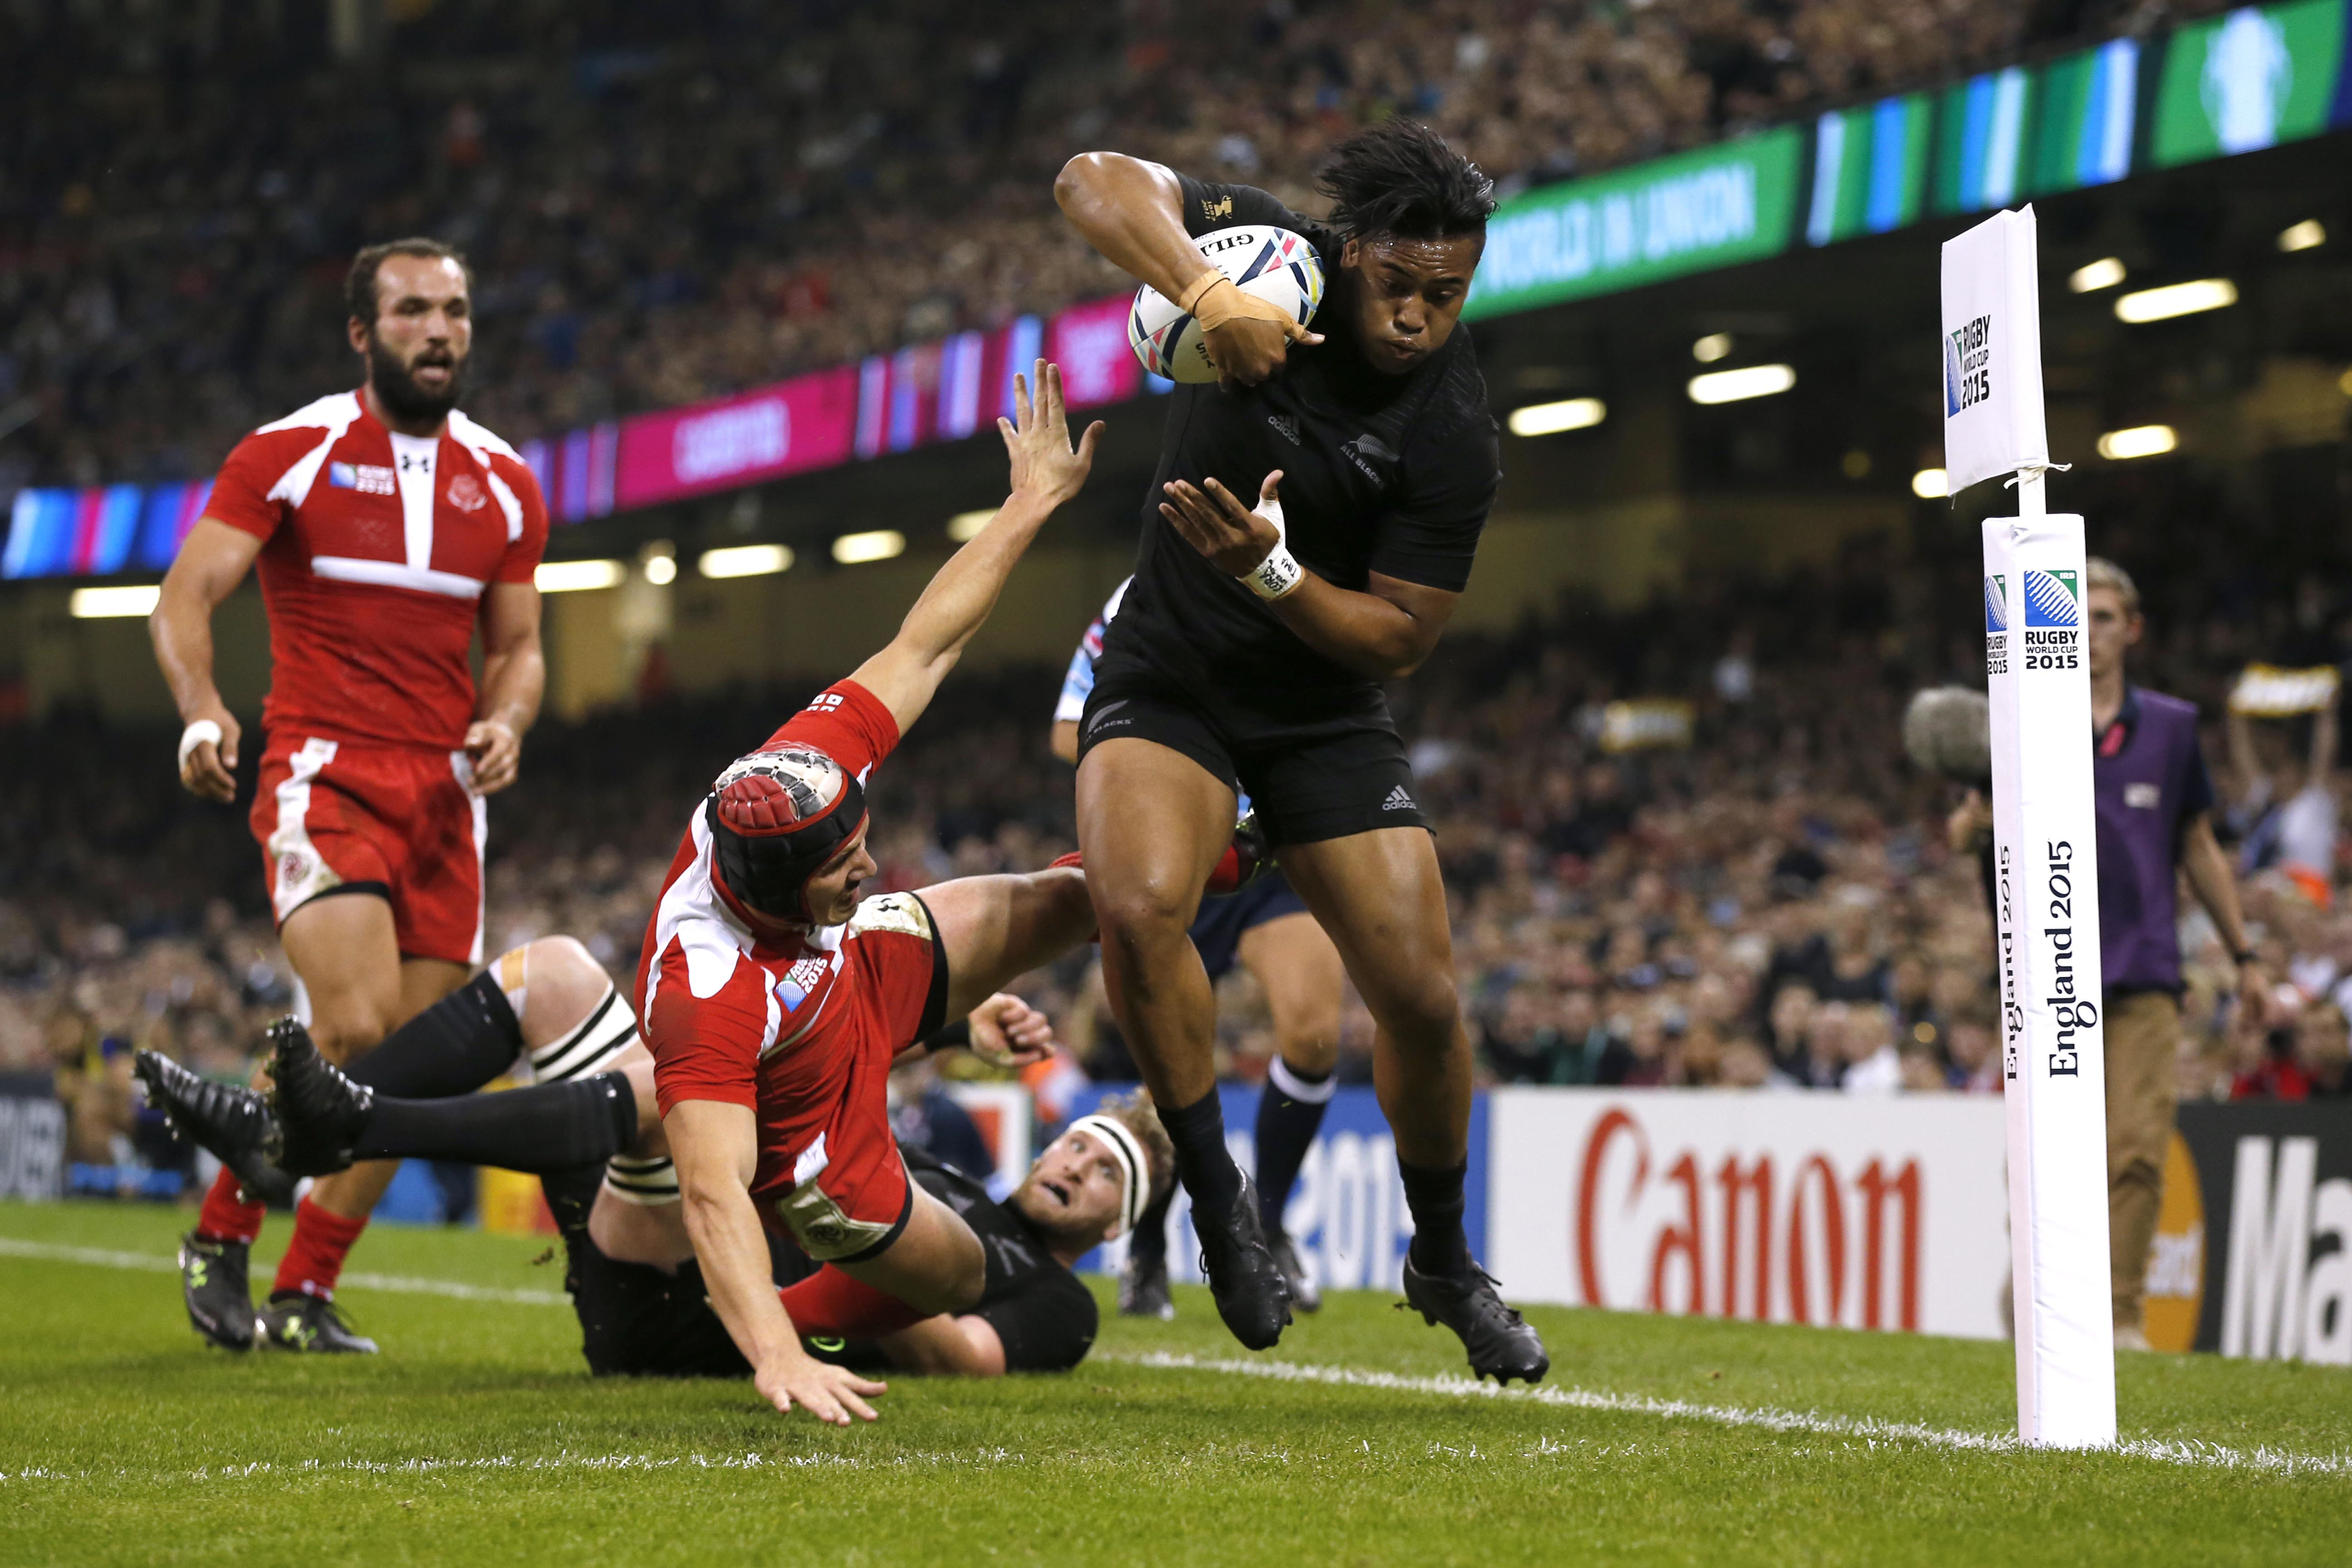 Les all blacks domptent la g orgie sans convaincre coupe du monde 2015 rugby - Resultats rugby coupe du monde ...